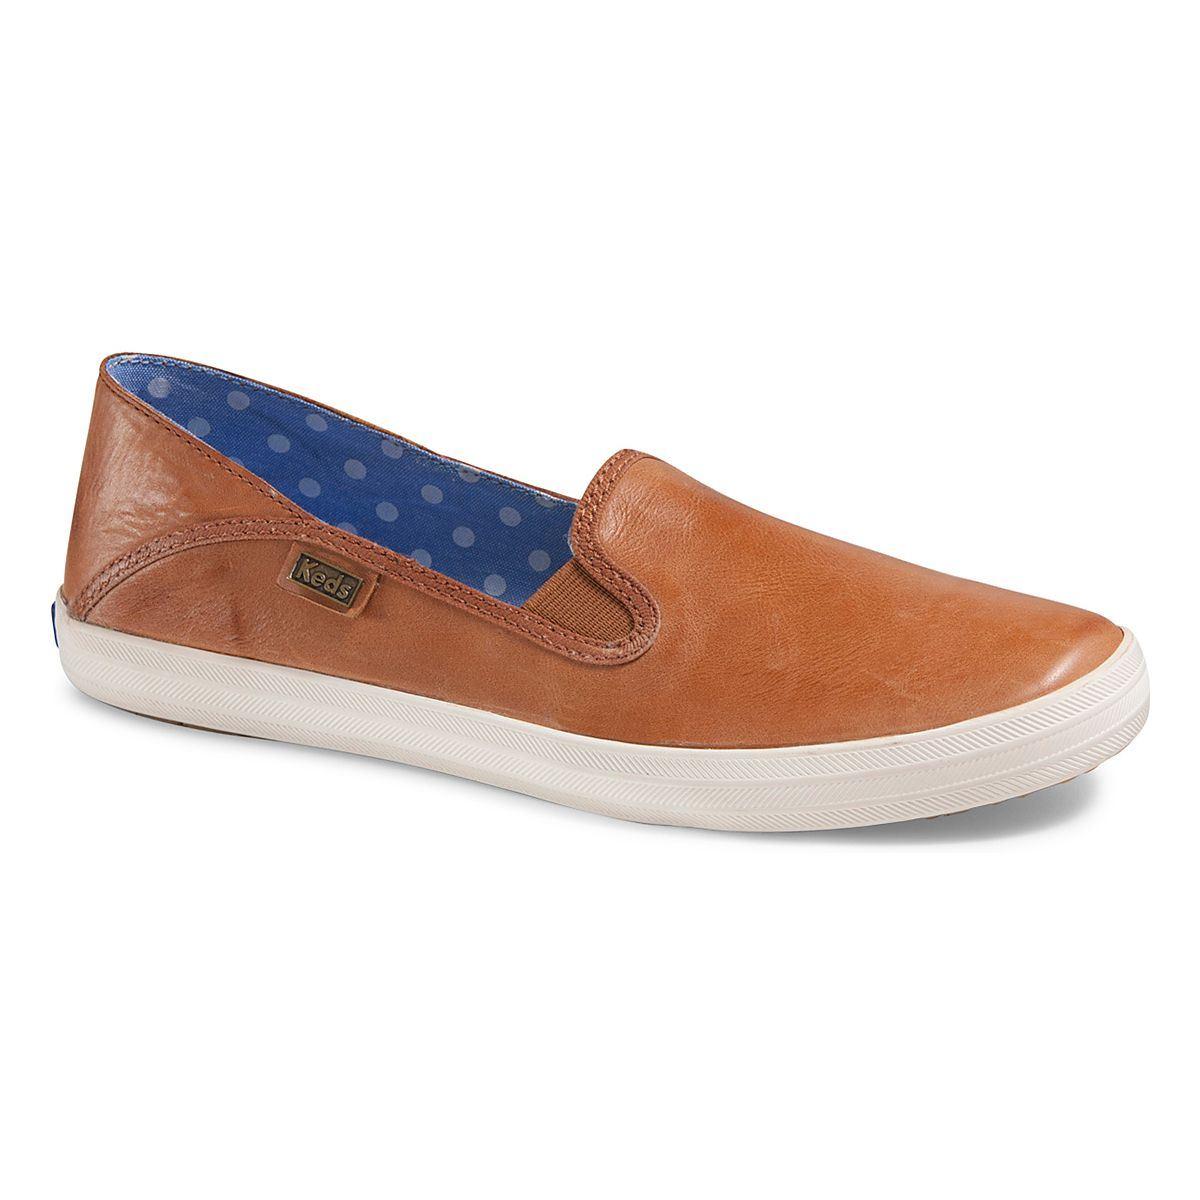 Keds Crashback Leather Shoes